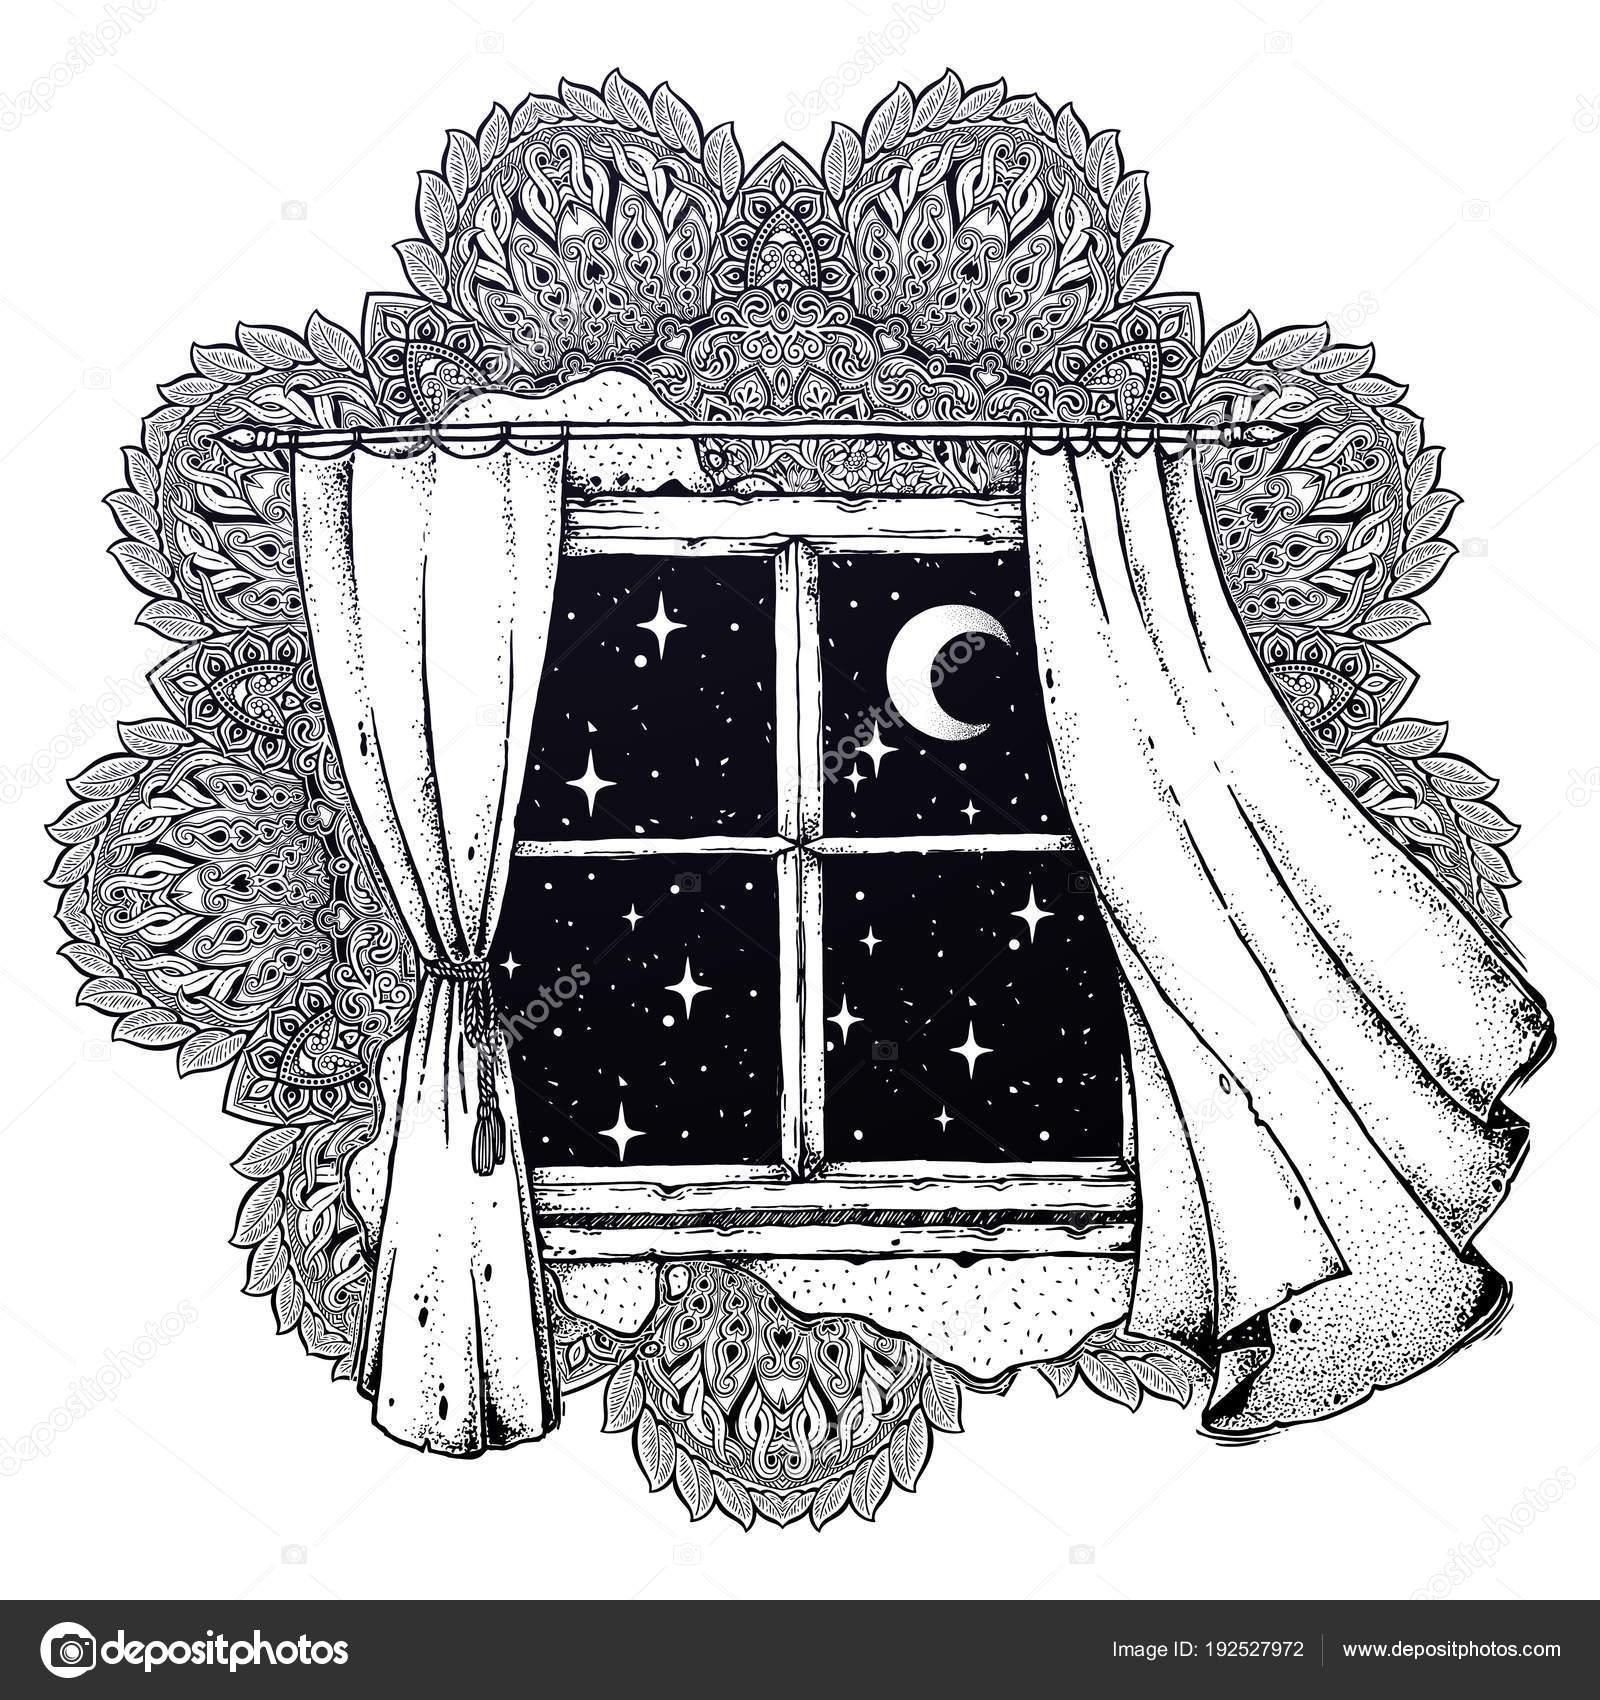 mandala mit fenstervorh nge mit mond sternenhimmel. Black Bedroom Furniture Sets. Home Design Ideas